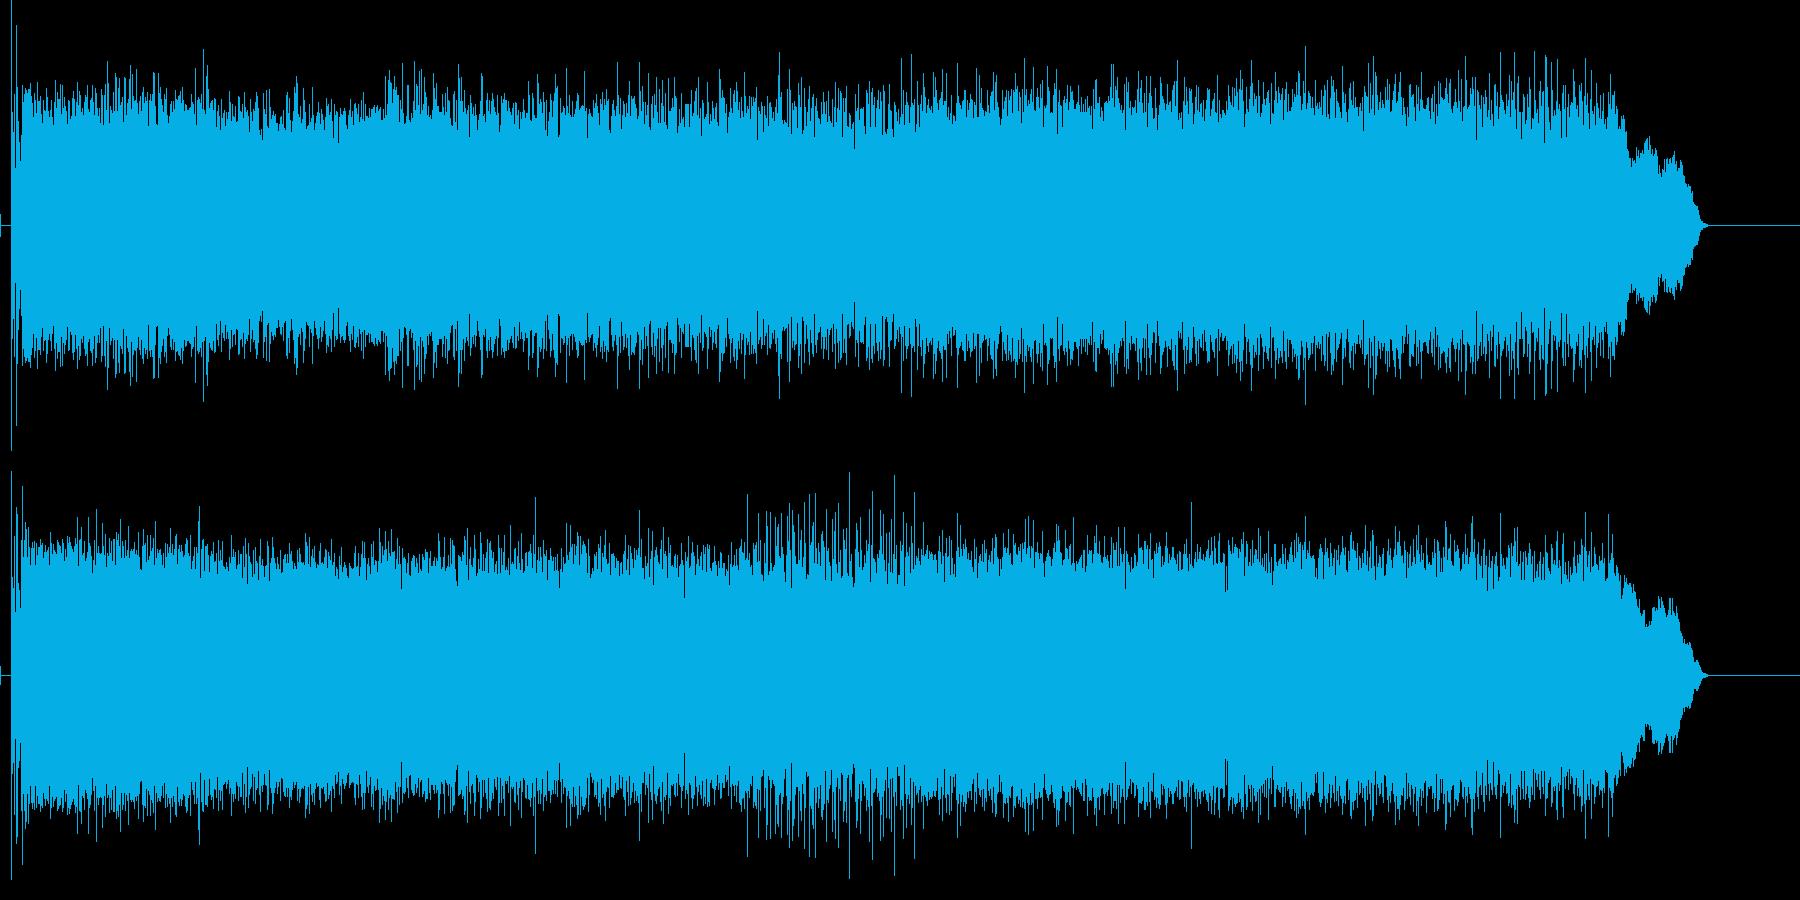 出囃子、動画OPに使える勢いあるBGMの再生済みの波形